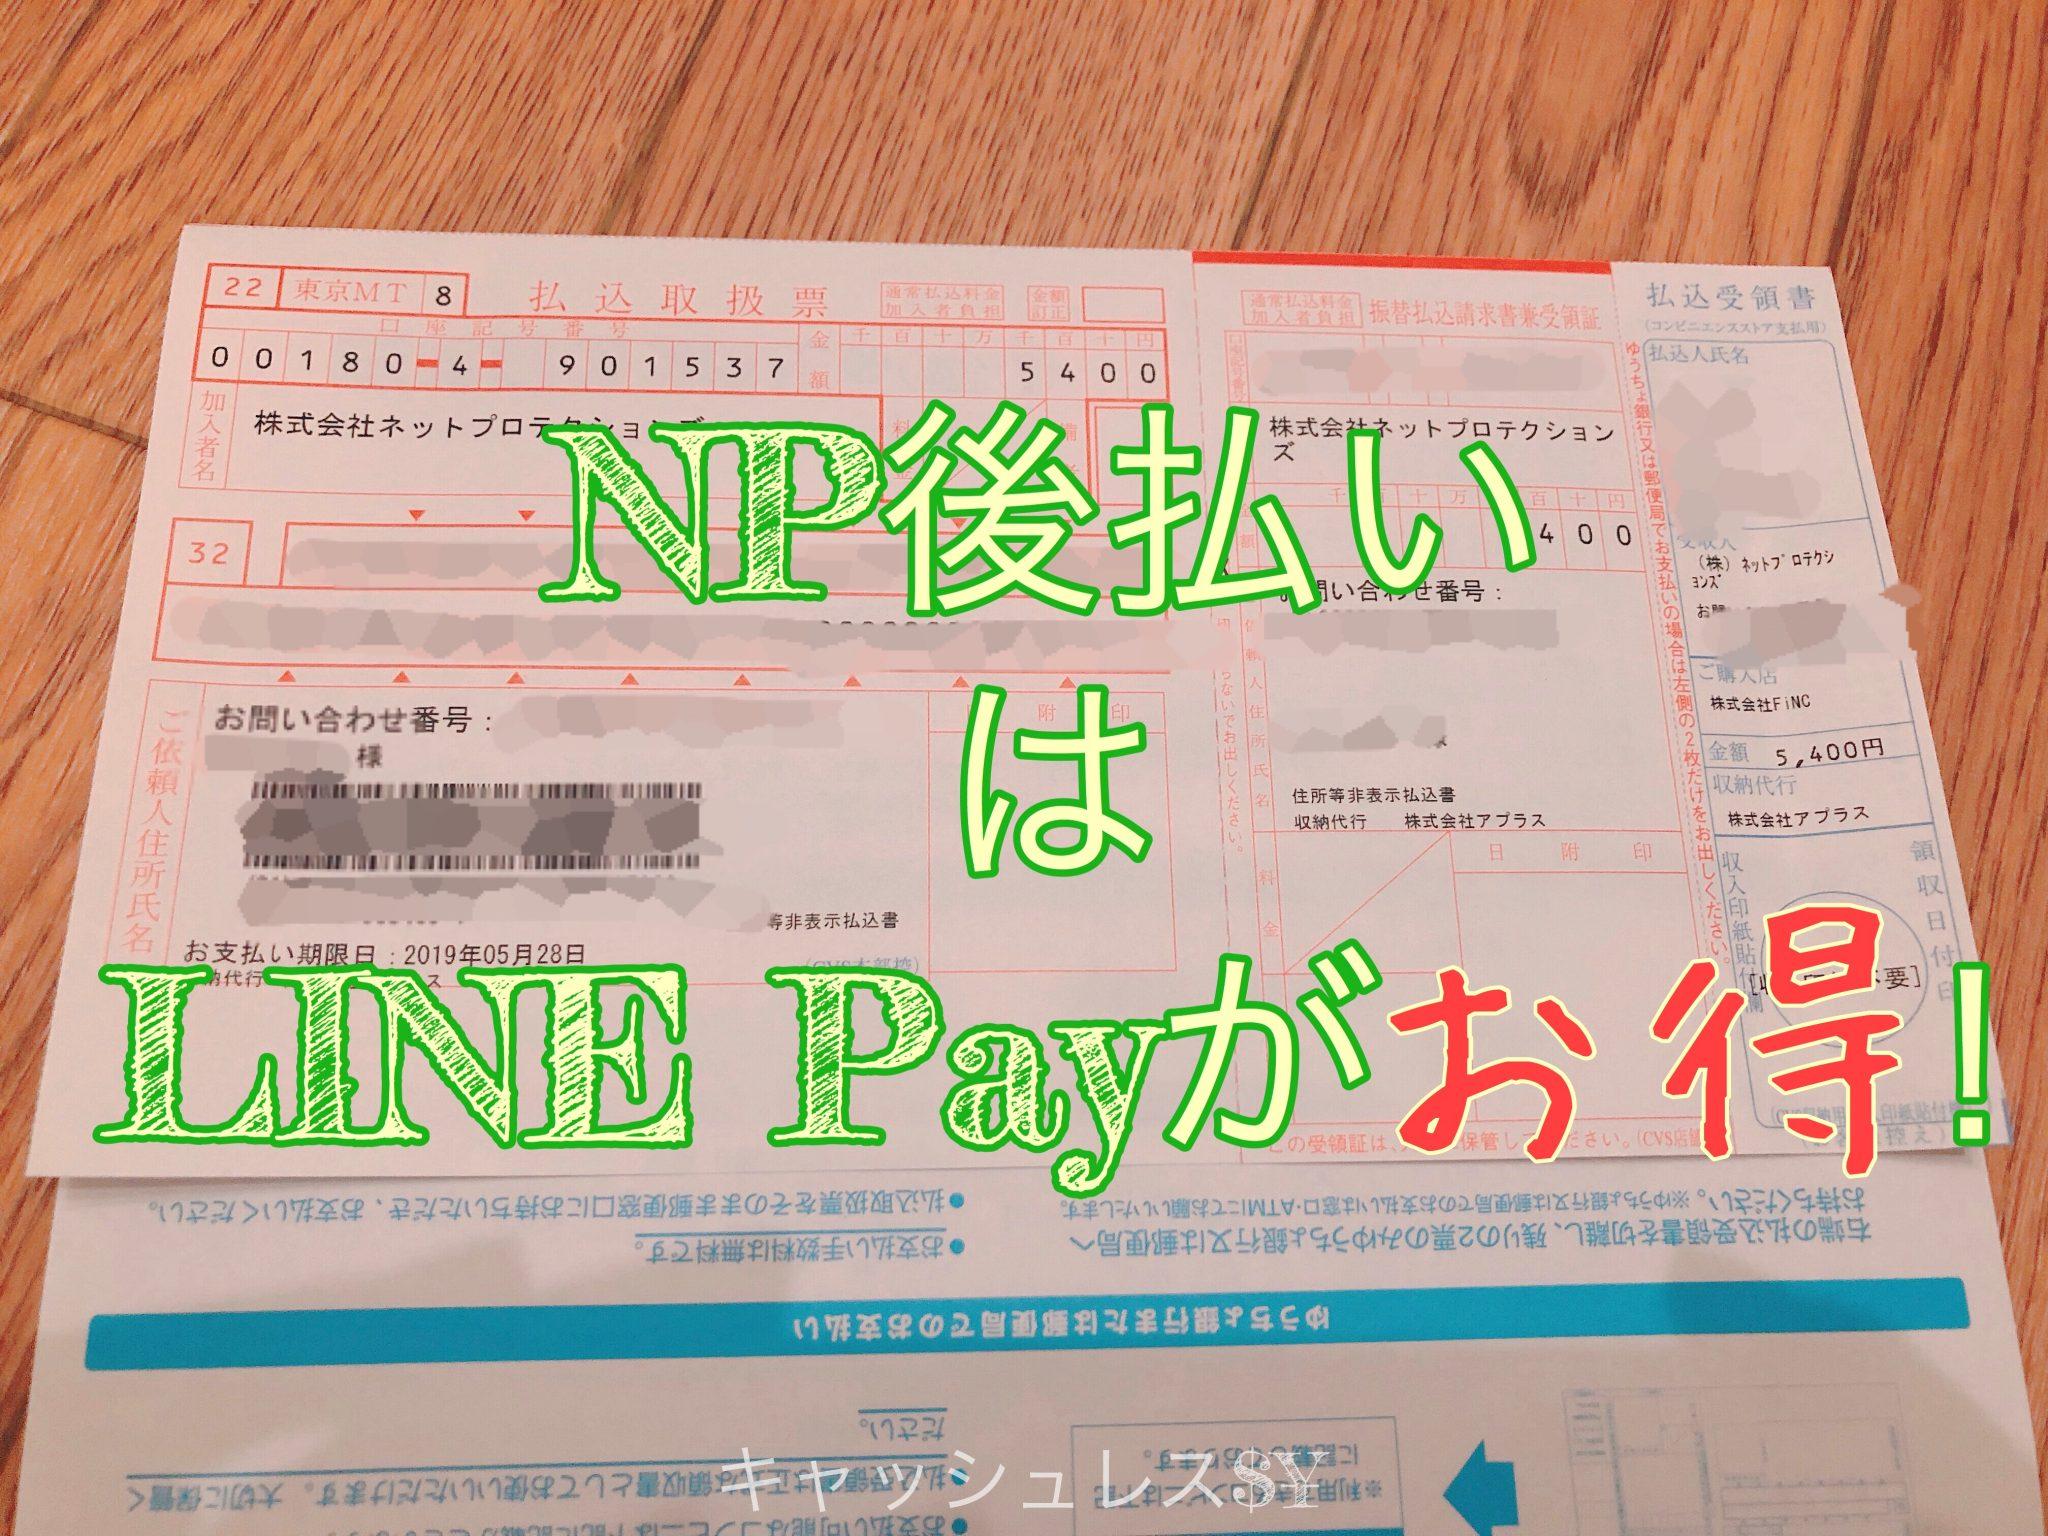 NP後払いはLINE Payがお得!